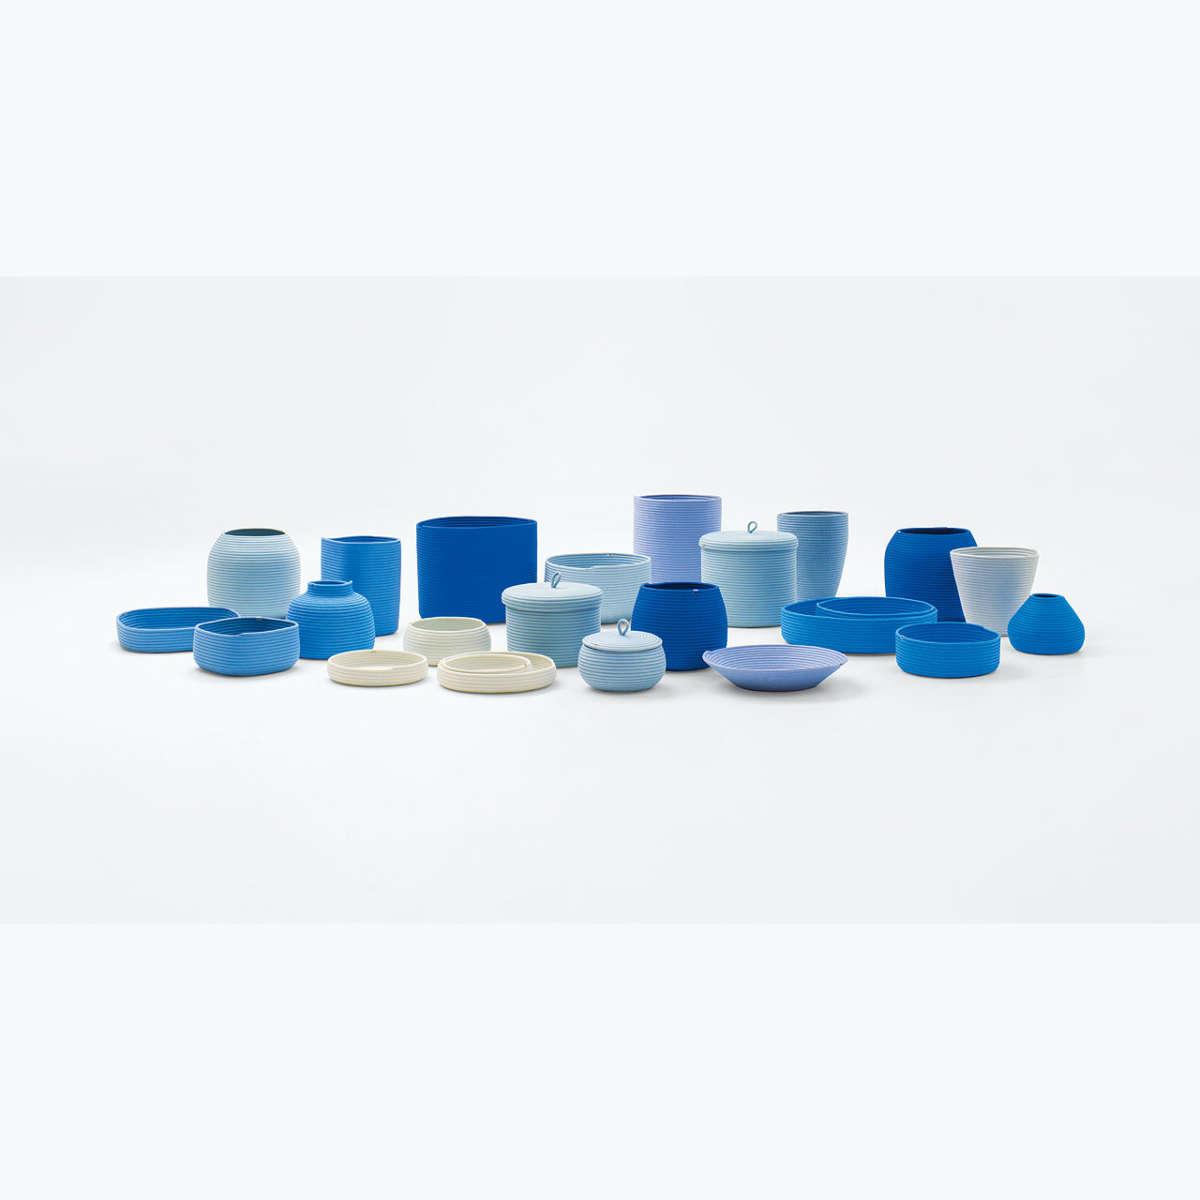 MG Co Sika blue set